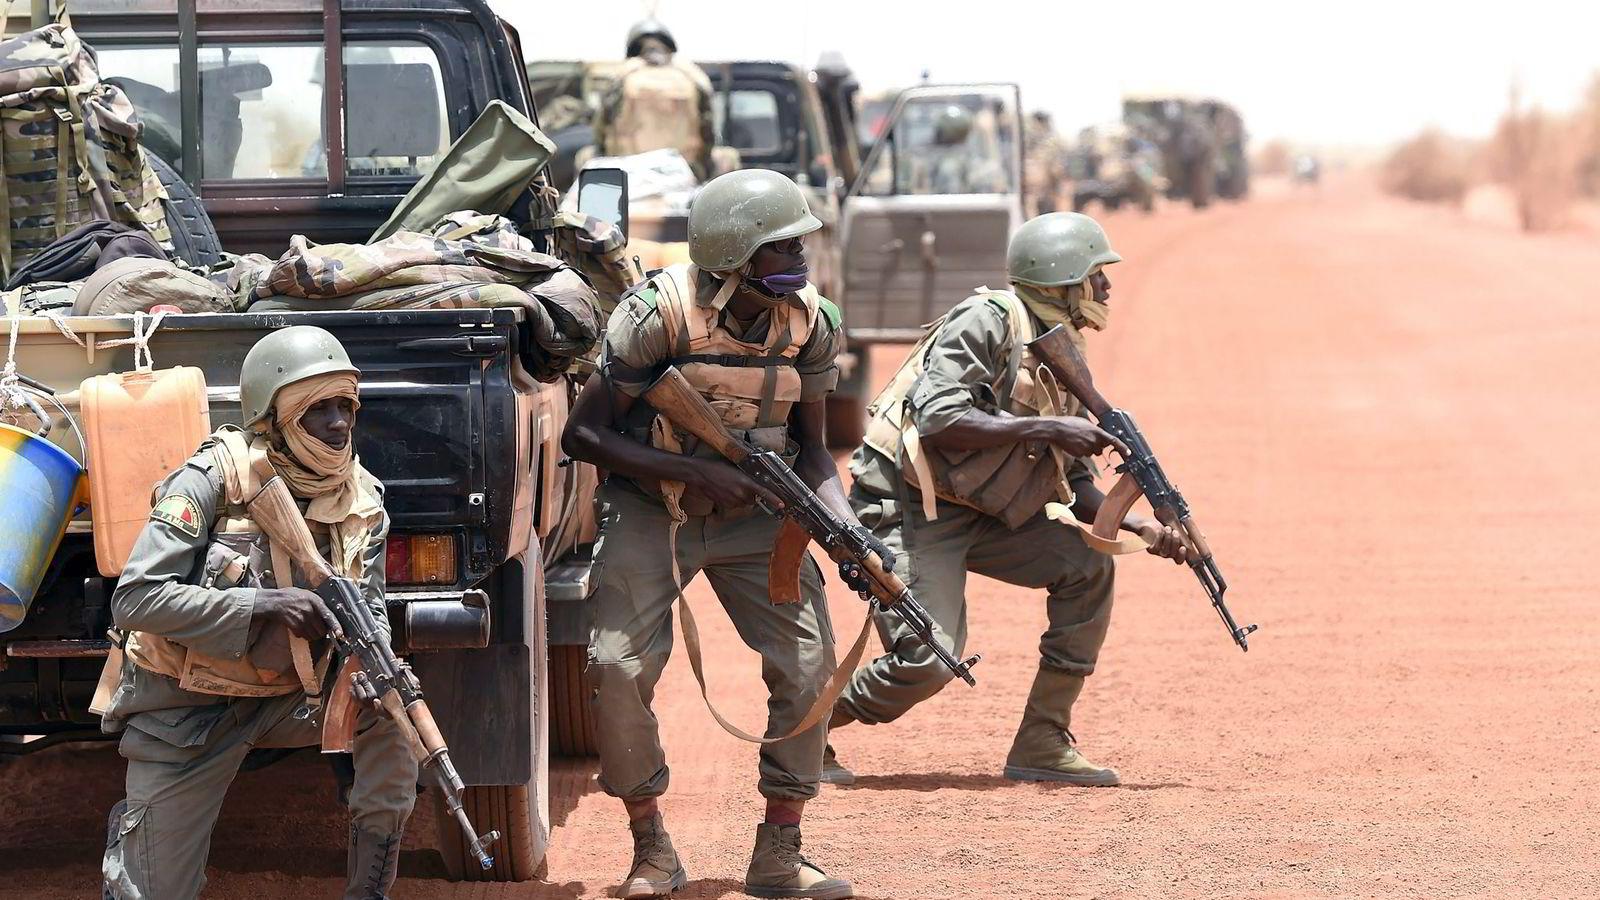 Det har blitt stadig vanskeligere å underslå den klare sammenhengen mellom væpnet konflikt og underutvikling. Her fra konflikten i Mali i juni. Foto: Philippe Desmazes, AFP/NTB Scanpix